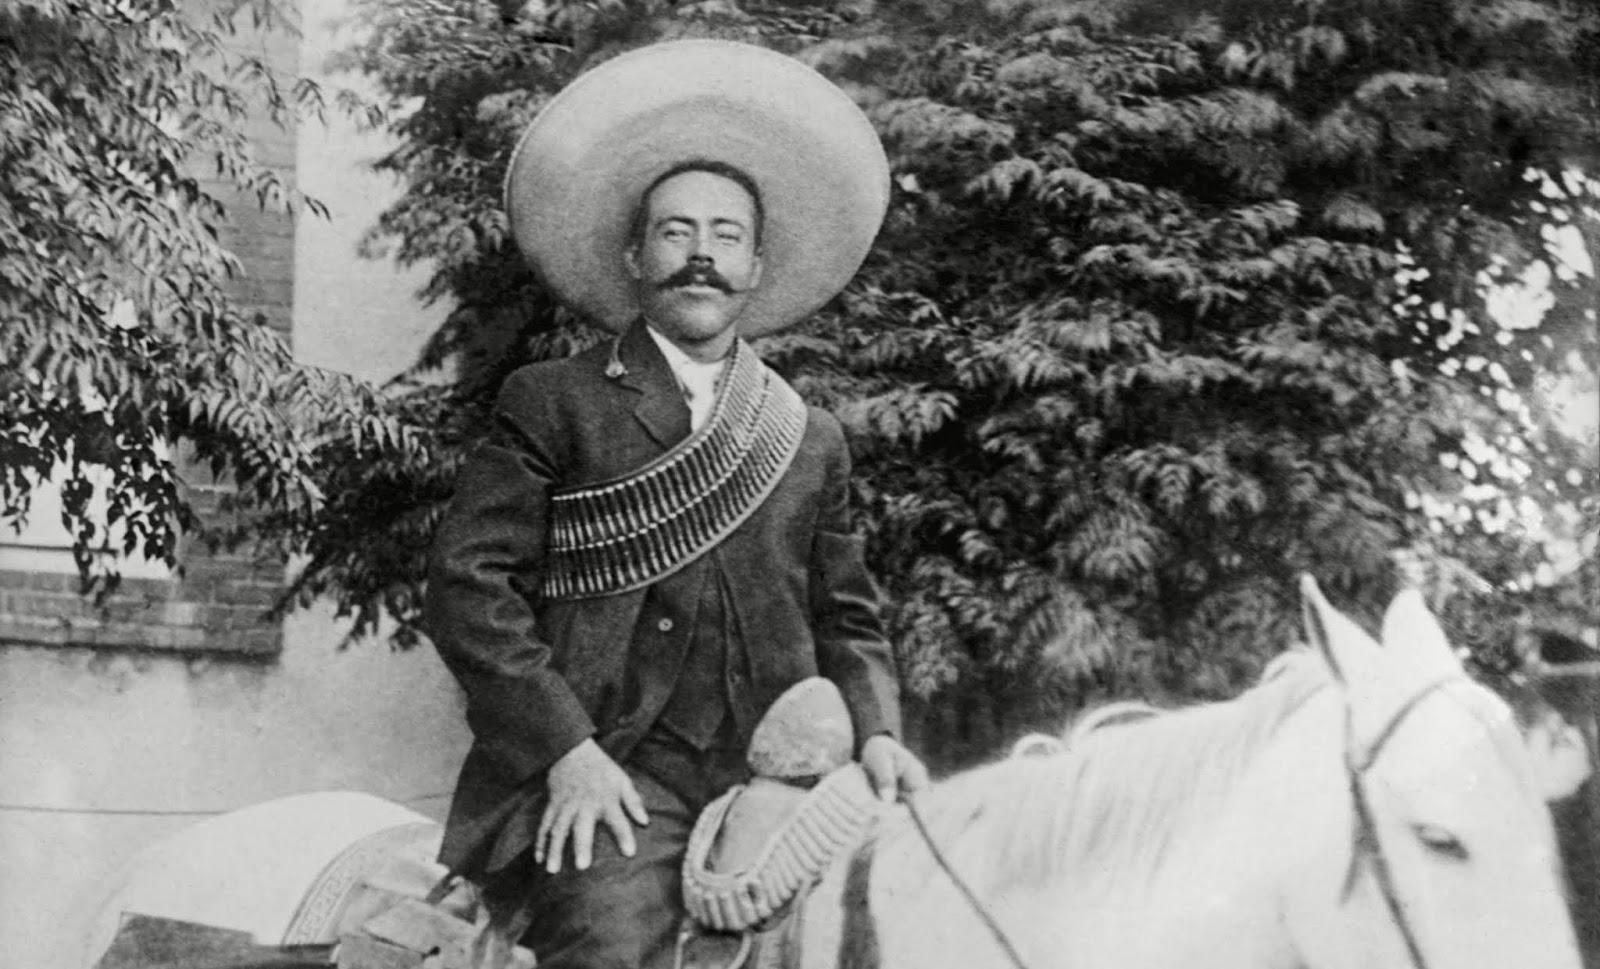 Centauro Del Norte | Série inspirada na vida de Pancho Villa